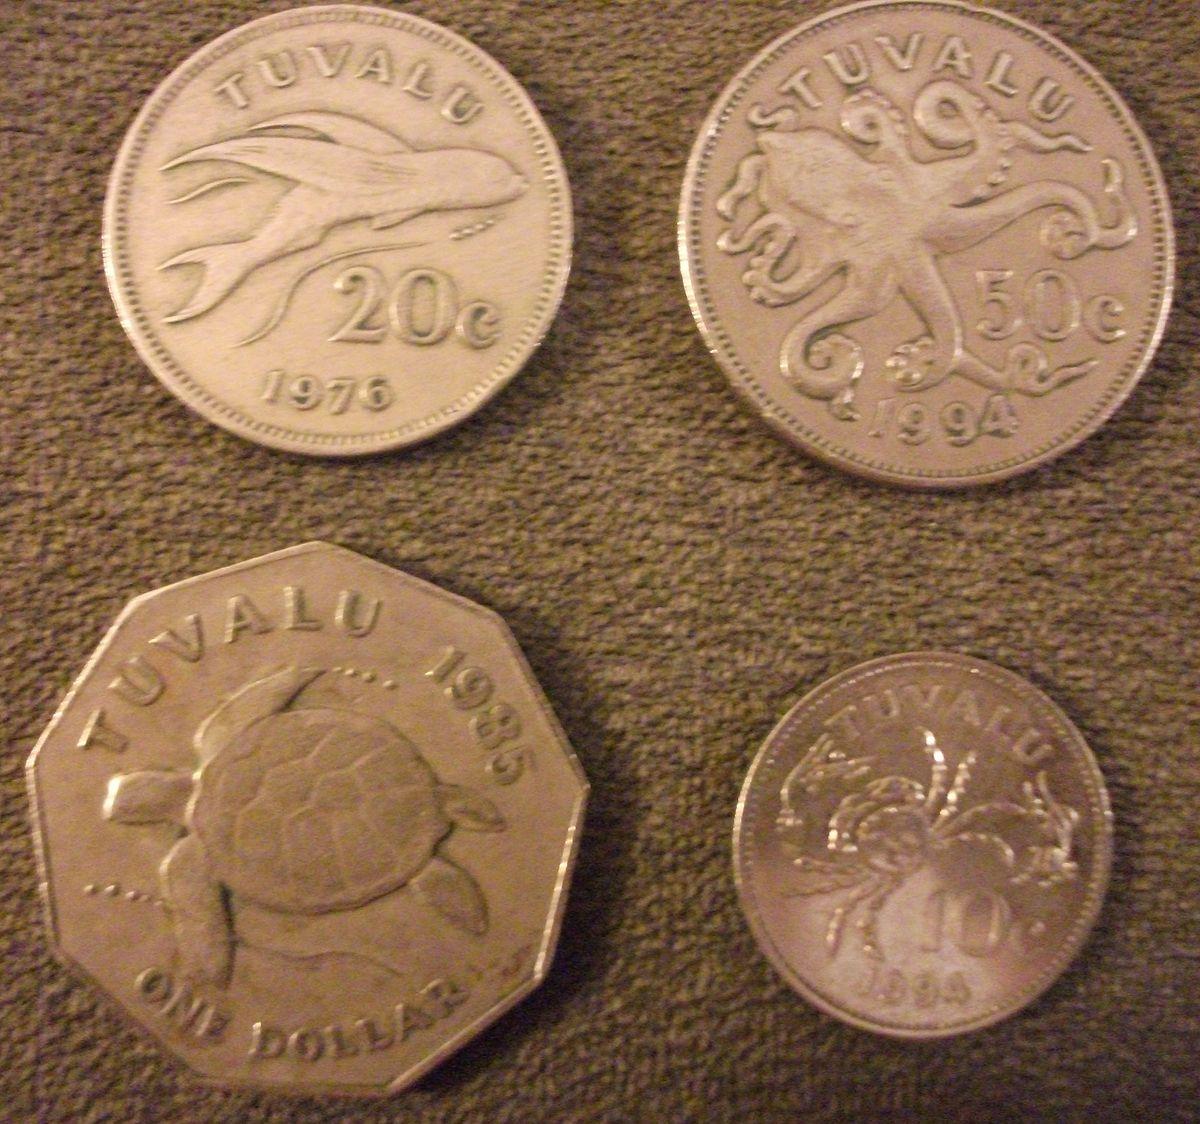 Tuvaluan dollar - Wikipedia